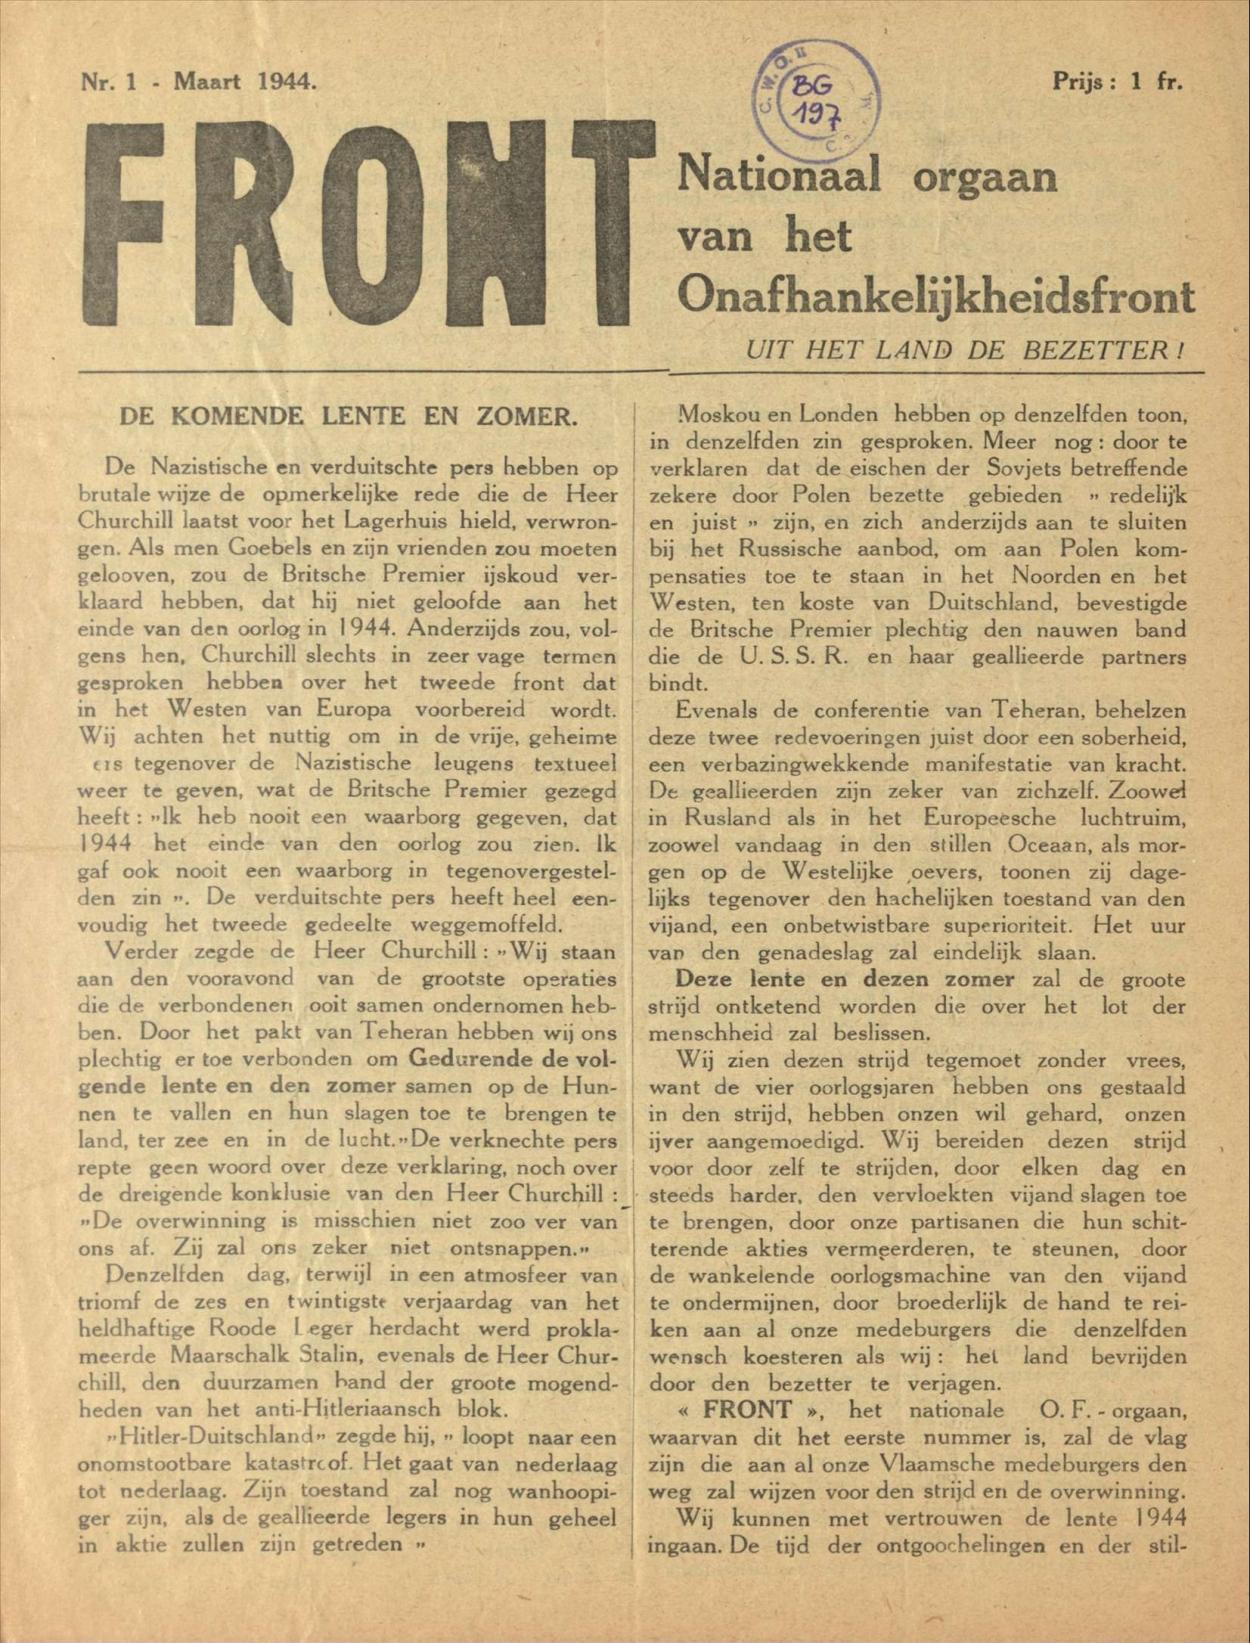 soma_bg197_1944-03_01_001-00001-front-nr-1-maart-1944.jpg